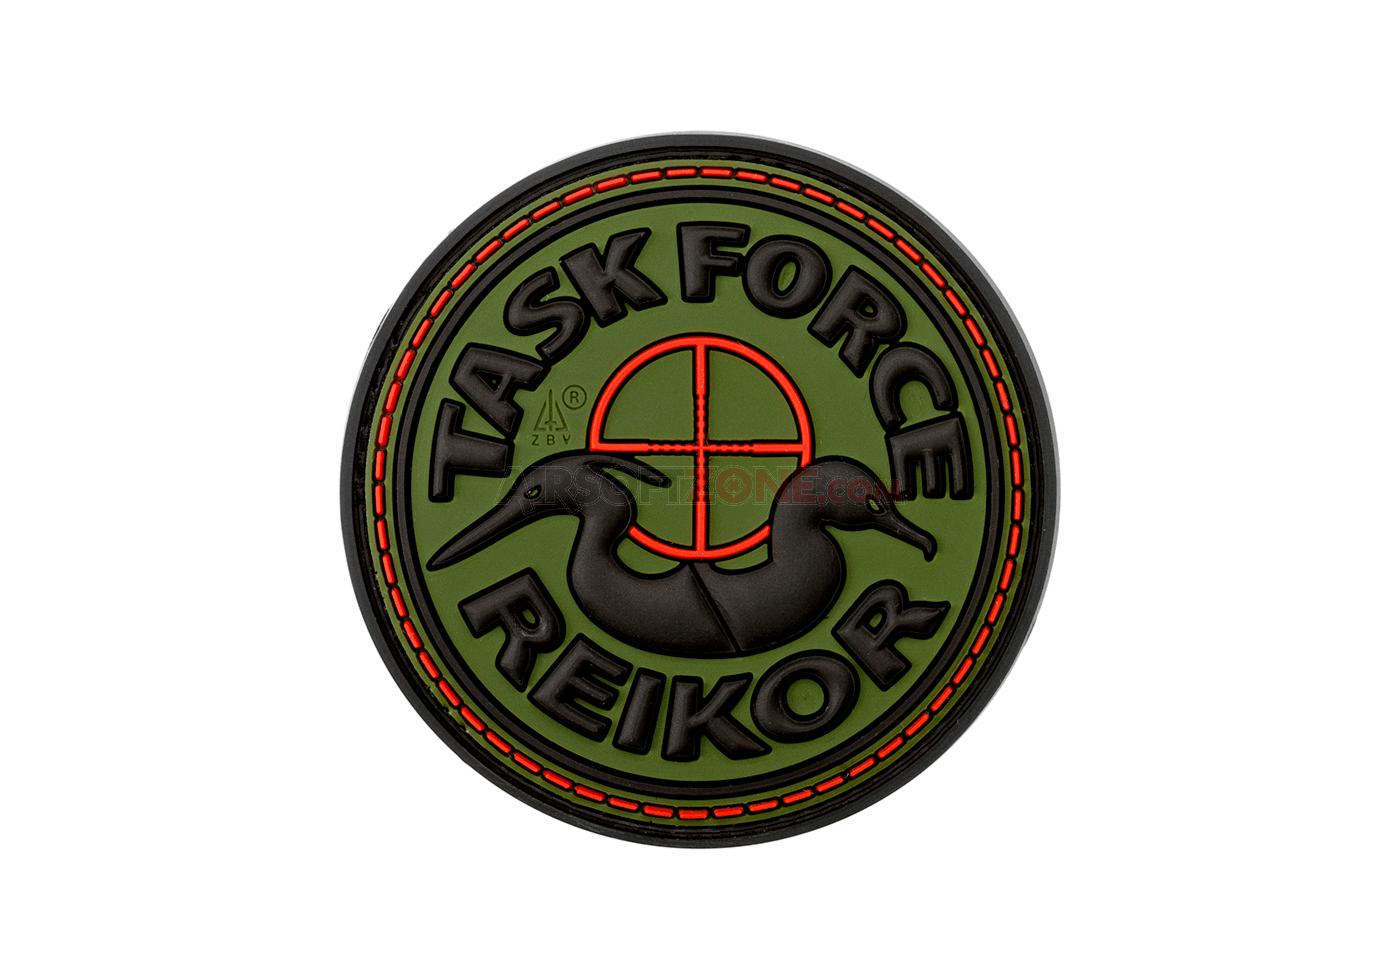 Patch Cauciucat - Task Force Reikor - Forest imagine